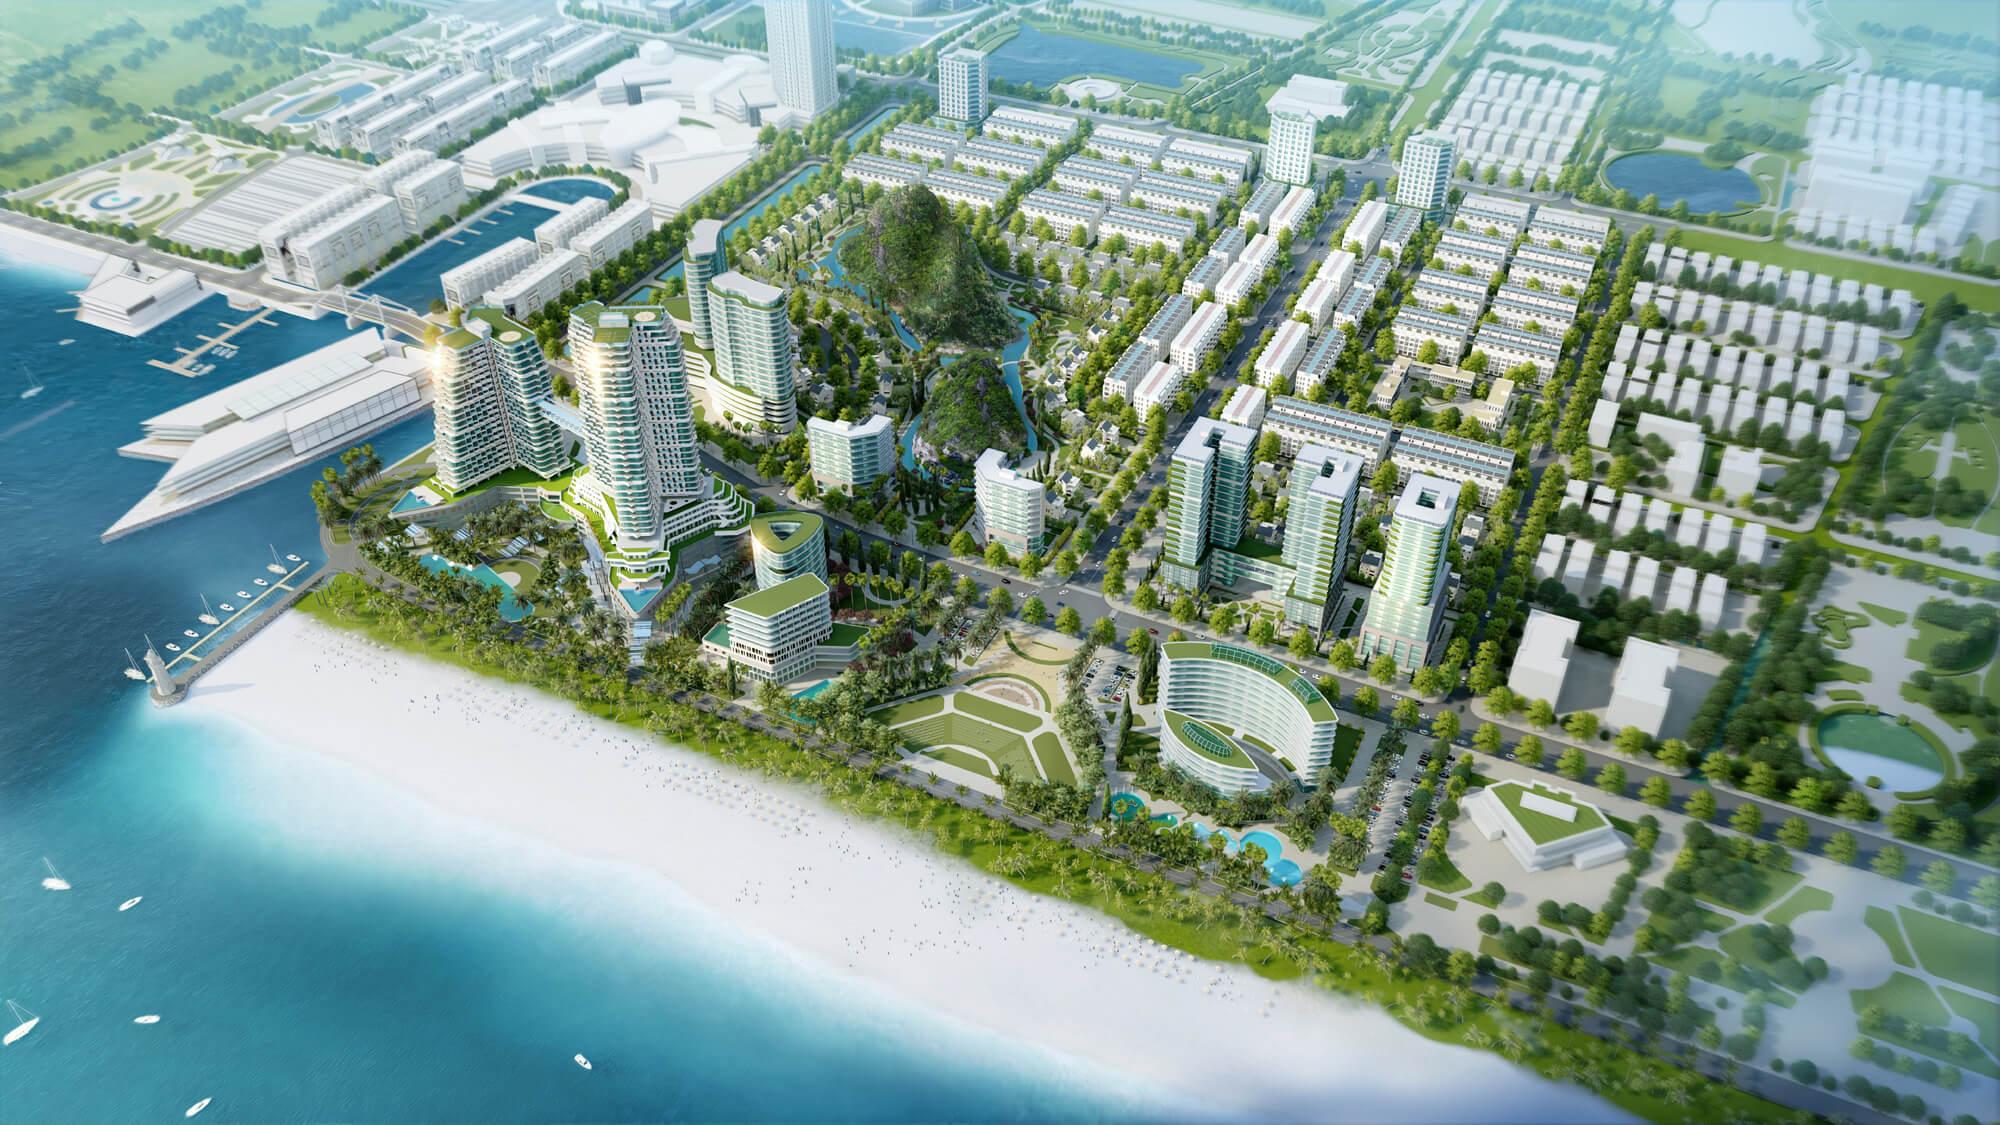 Thực hư khoản nợ xấu của chủ dự án Ocean Park Vân Đồn và bị MB siết nợ - Ảnh 1.